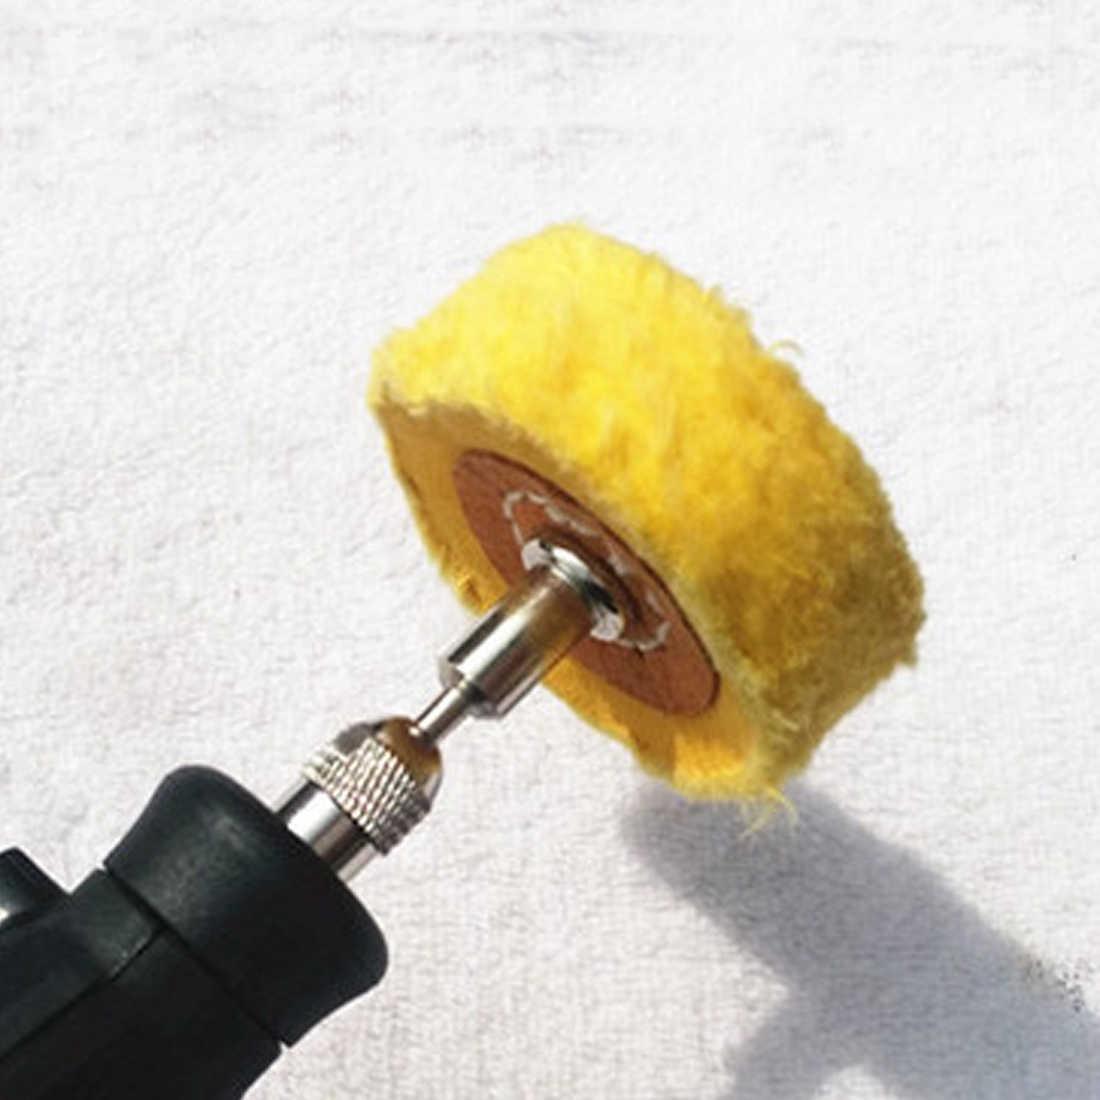 Шлифовальной головки T Стиль Польский Полировка колес ткани Dremel шлифовальная машина Кисть для вращающихся абразивный инструмент Dremel аксессуары хвостовиком